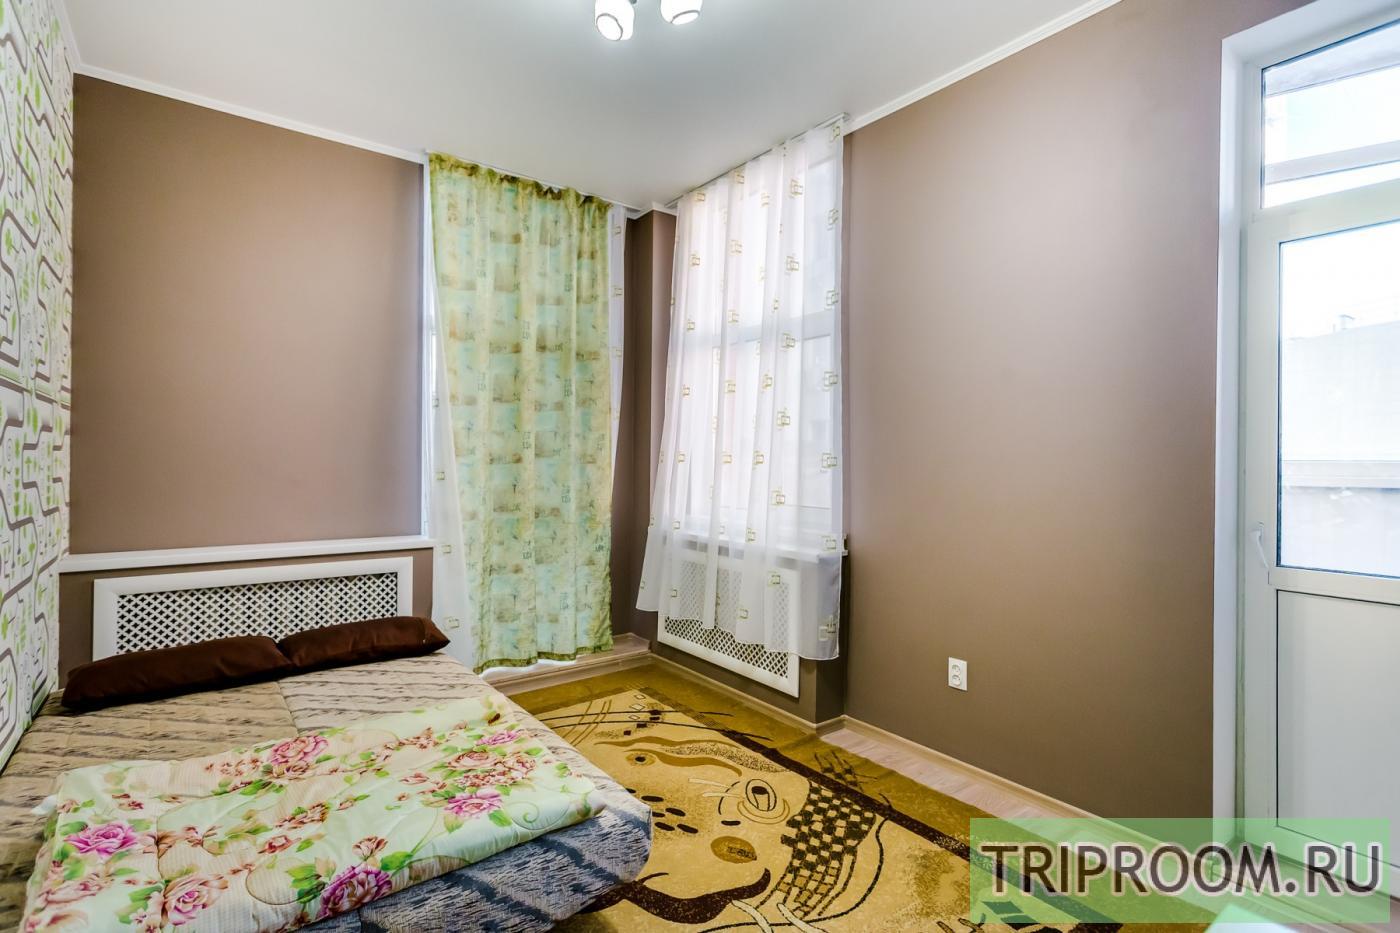 3-комнатная квартира посуточно (вариант № 23511), ул. Красноармейская улица, фото № 24